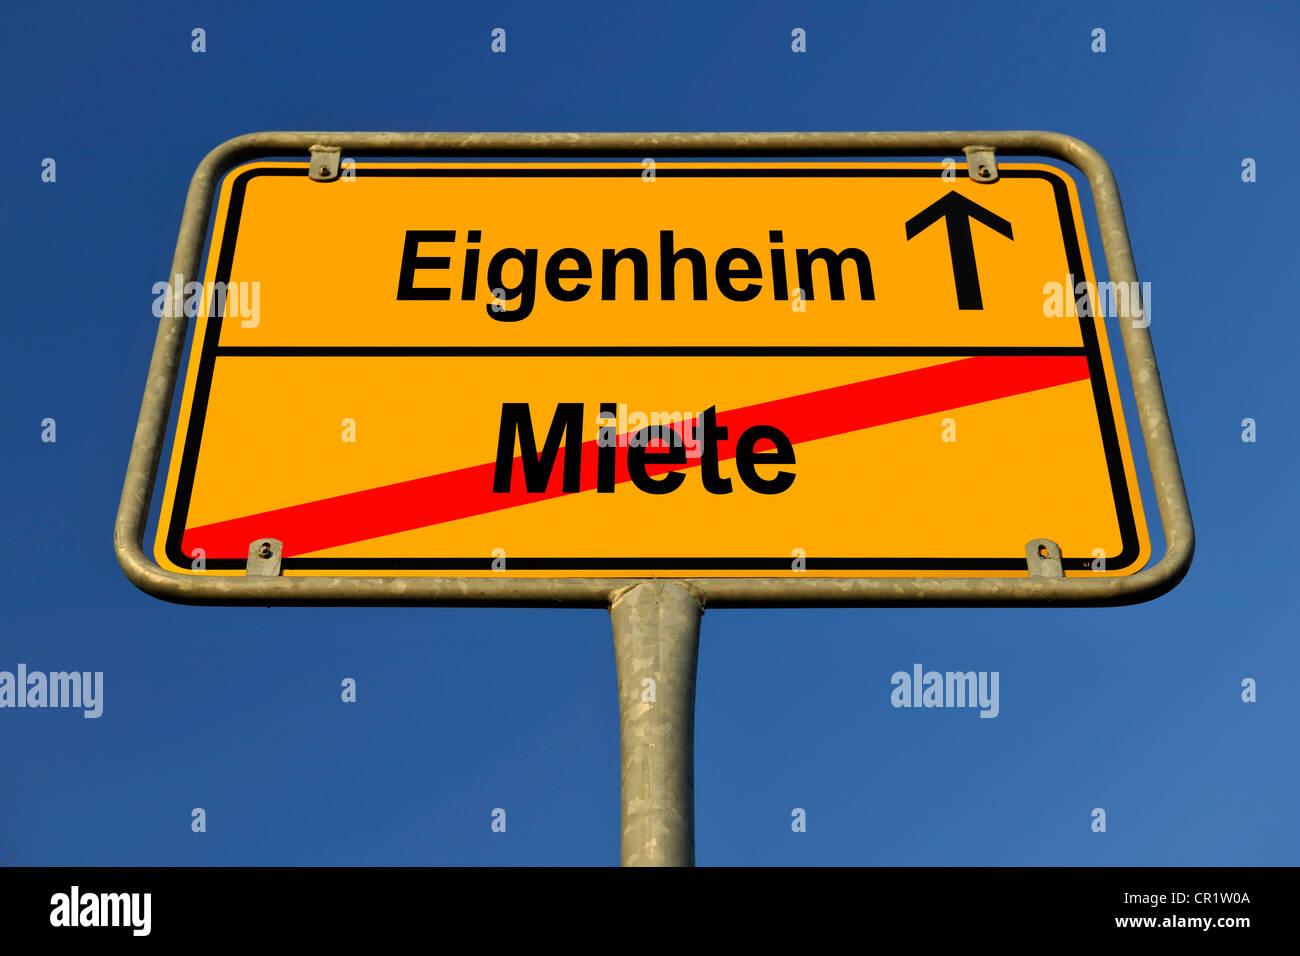 Stadtgrenze zu signieren, symbolisches Bild für den Weg von Miete, Eigenheim, Deutsch für den Gang von Stockbild